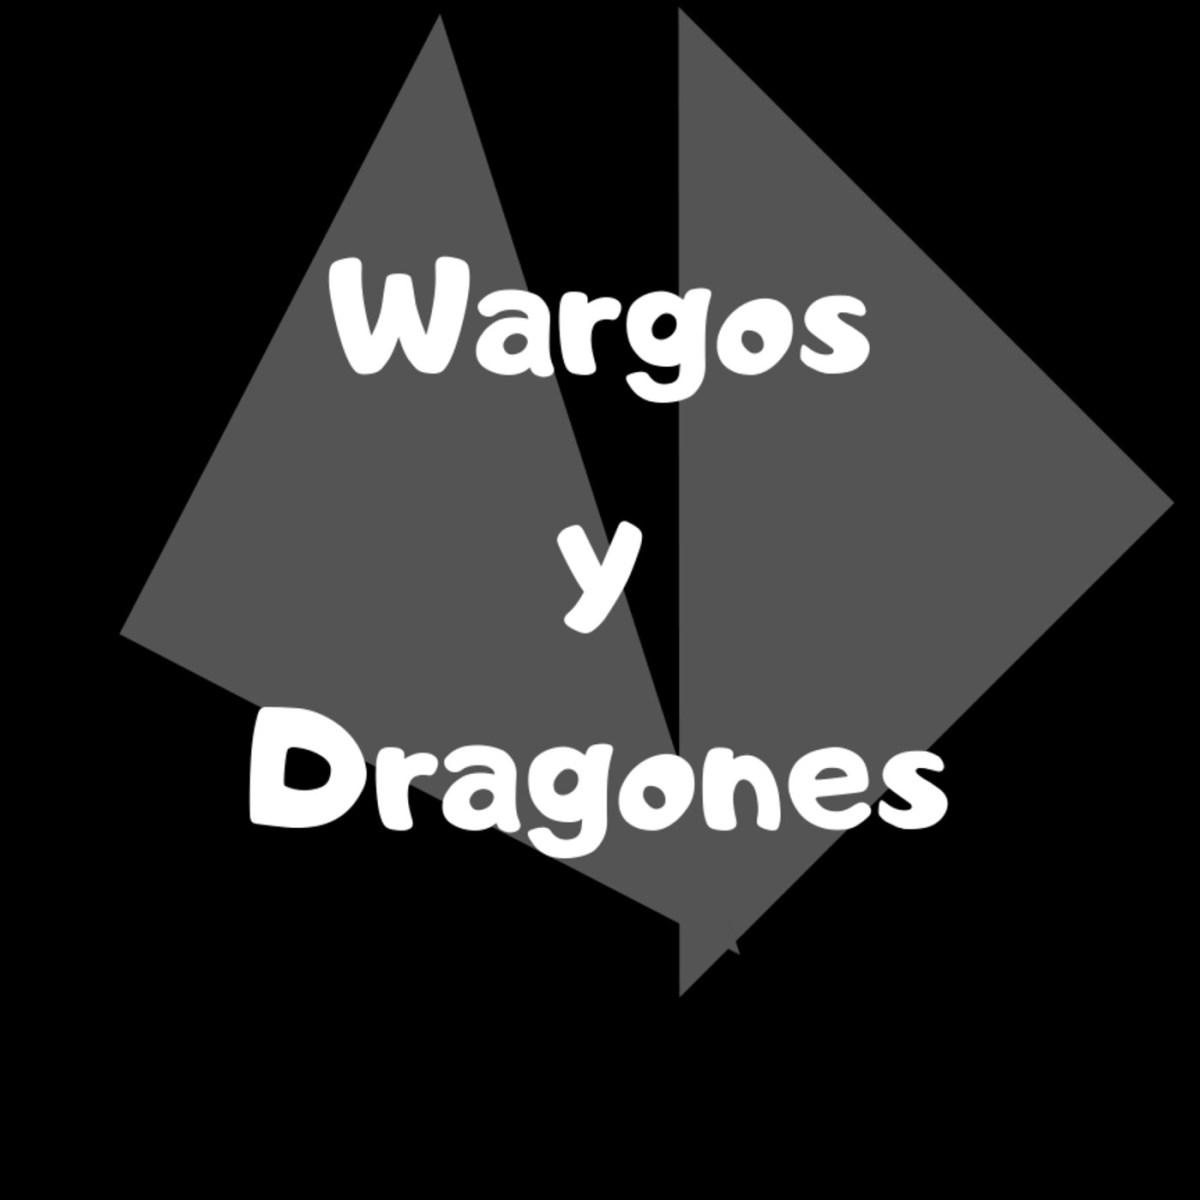 Wargos y Dragones - Game of Thrones Podcast